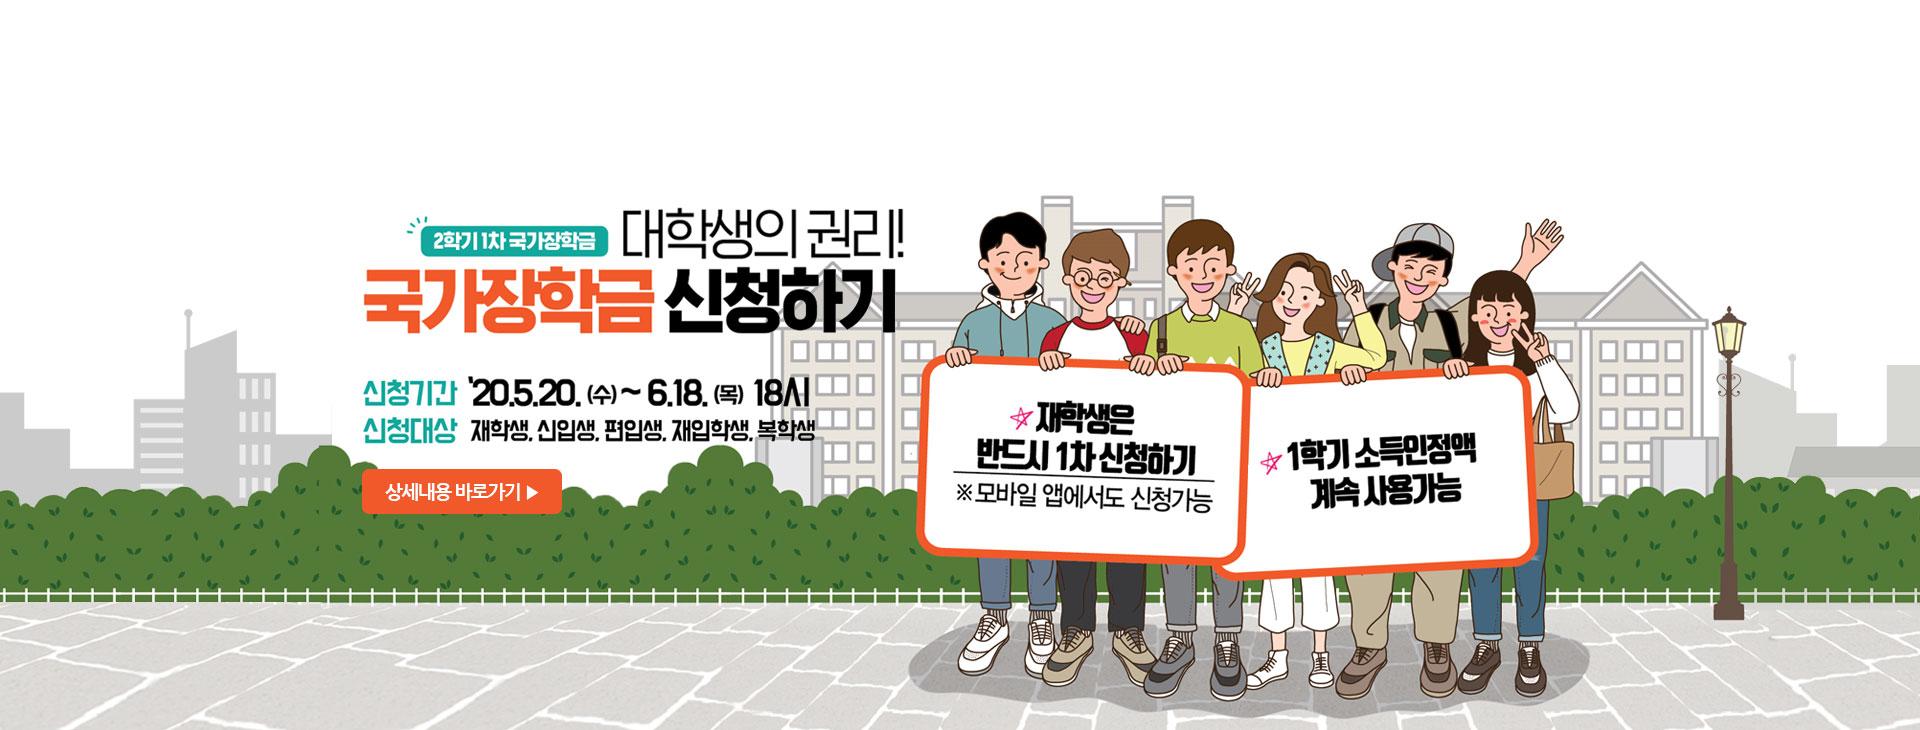 국가장학금 2학기 1차 신청  2020년 5월 20일(수) 9시 ~ 6월 18일(목) 18시